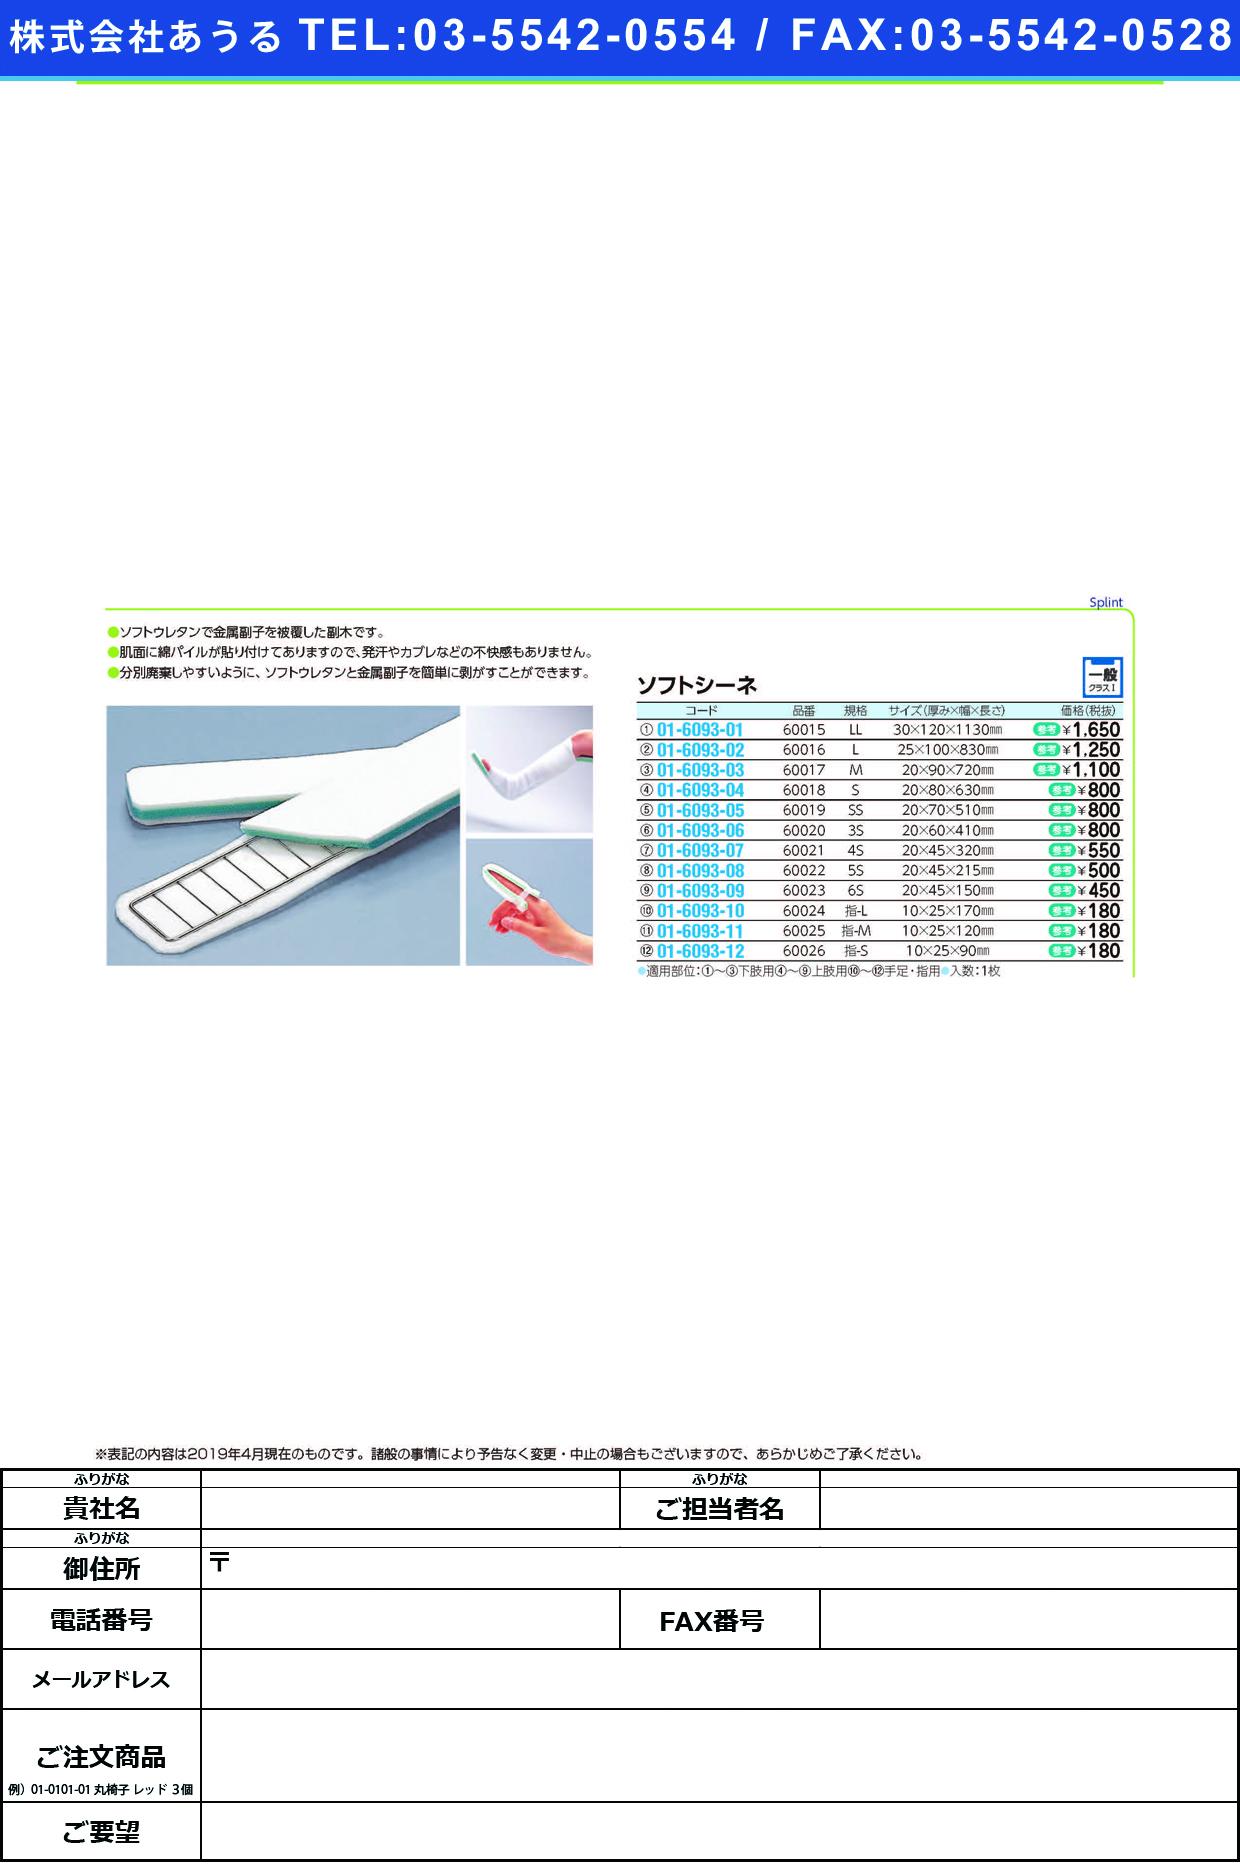 (01-6093-09)オオサキソフトシーネ(6S) 60023(20X45X150MM) オオサキソフトシーネ6S(オオサキメディカル)【1本単位】【2019年カタログ商品】